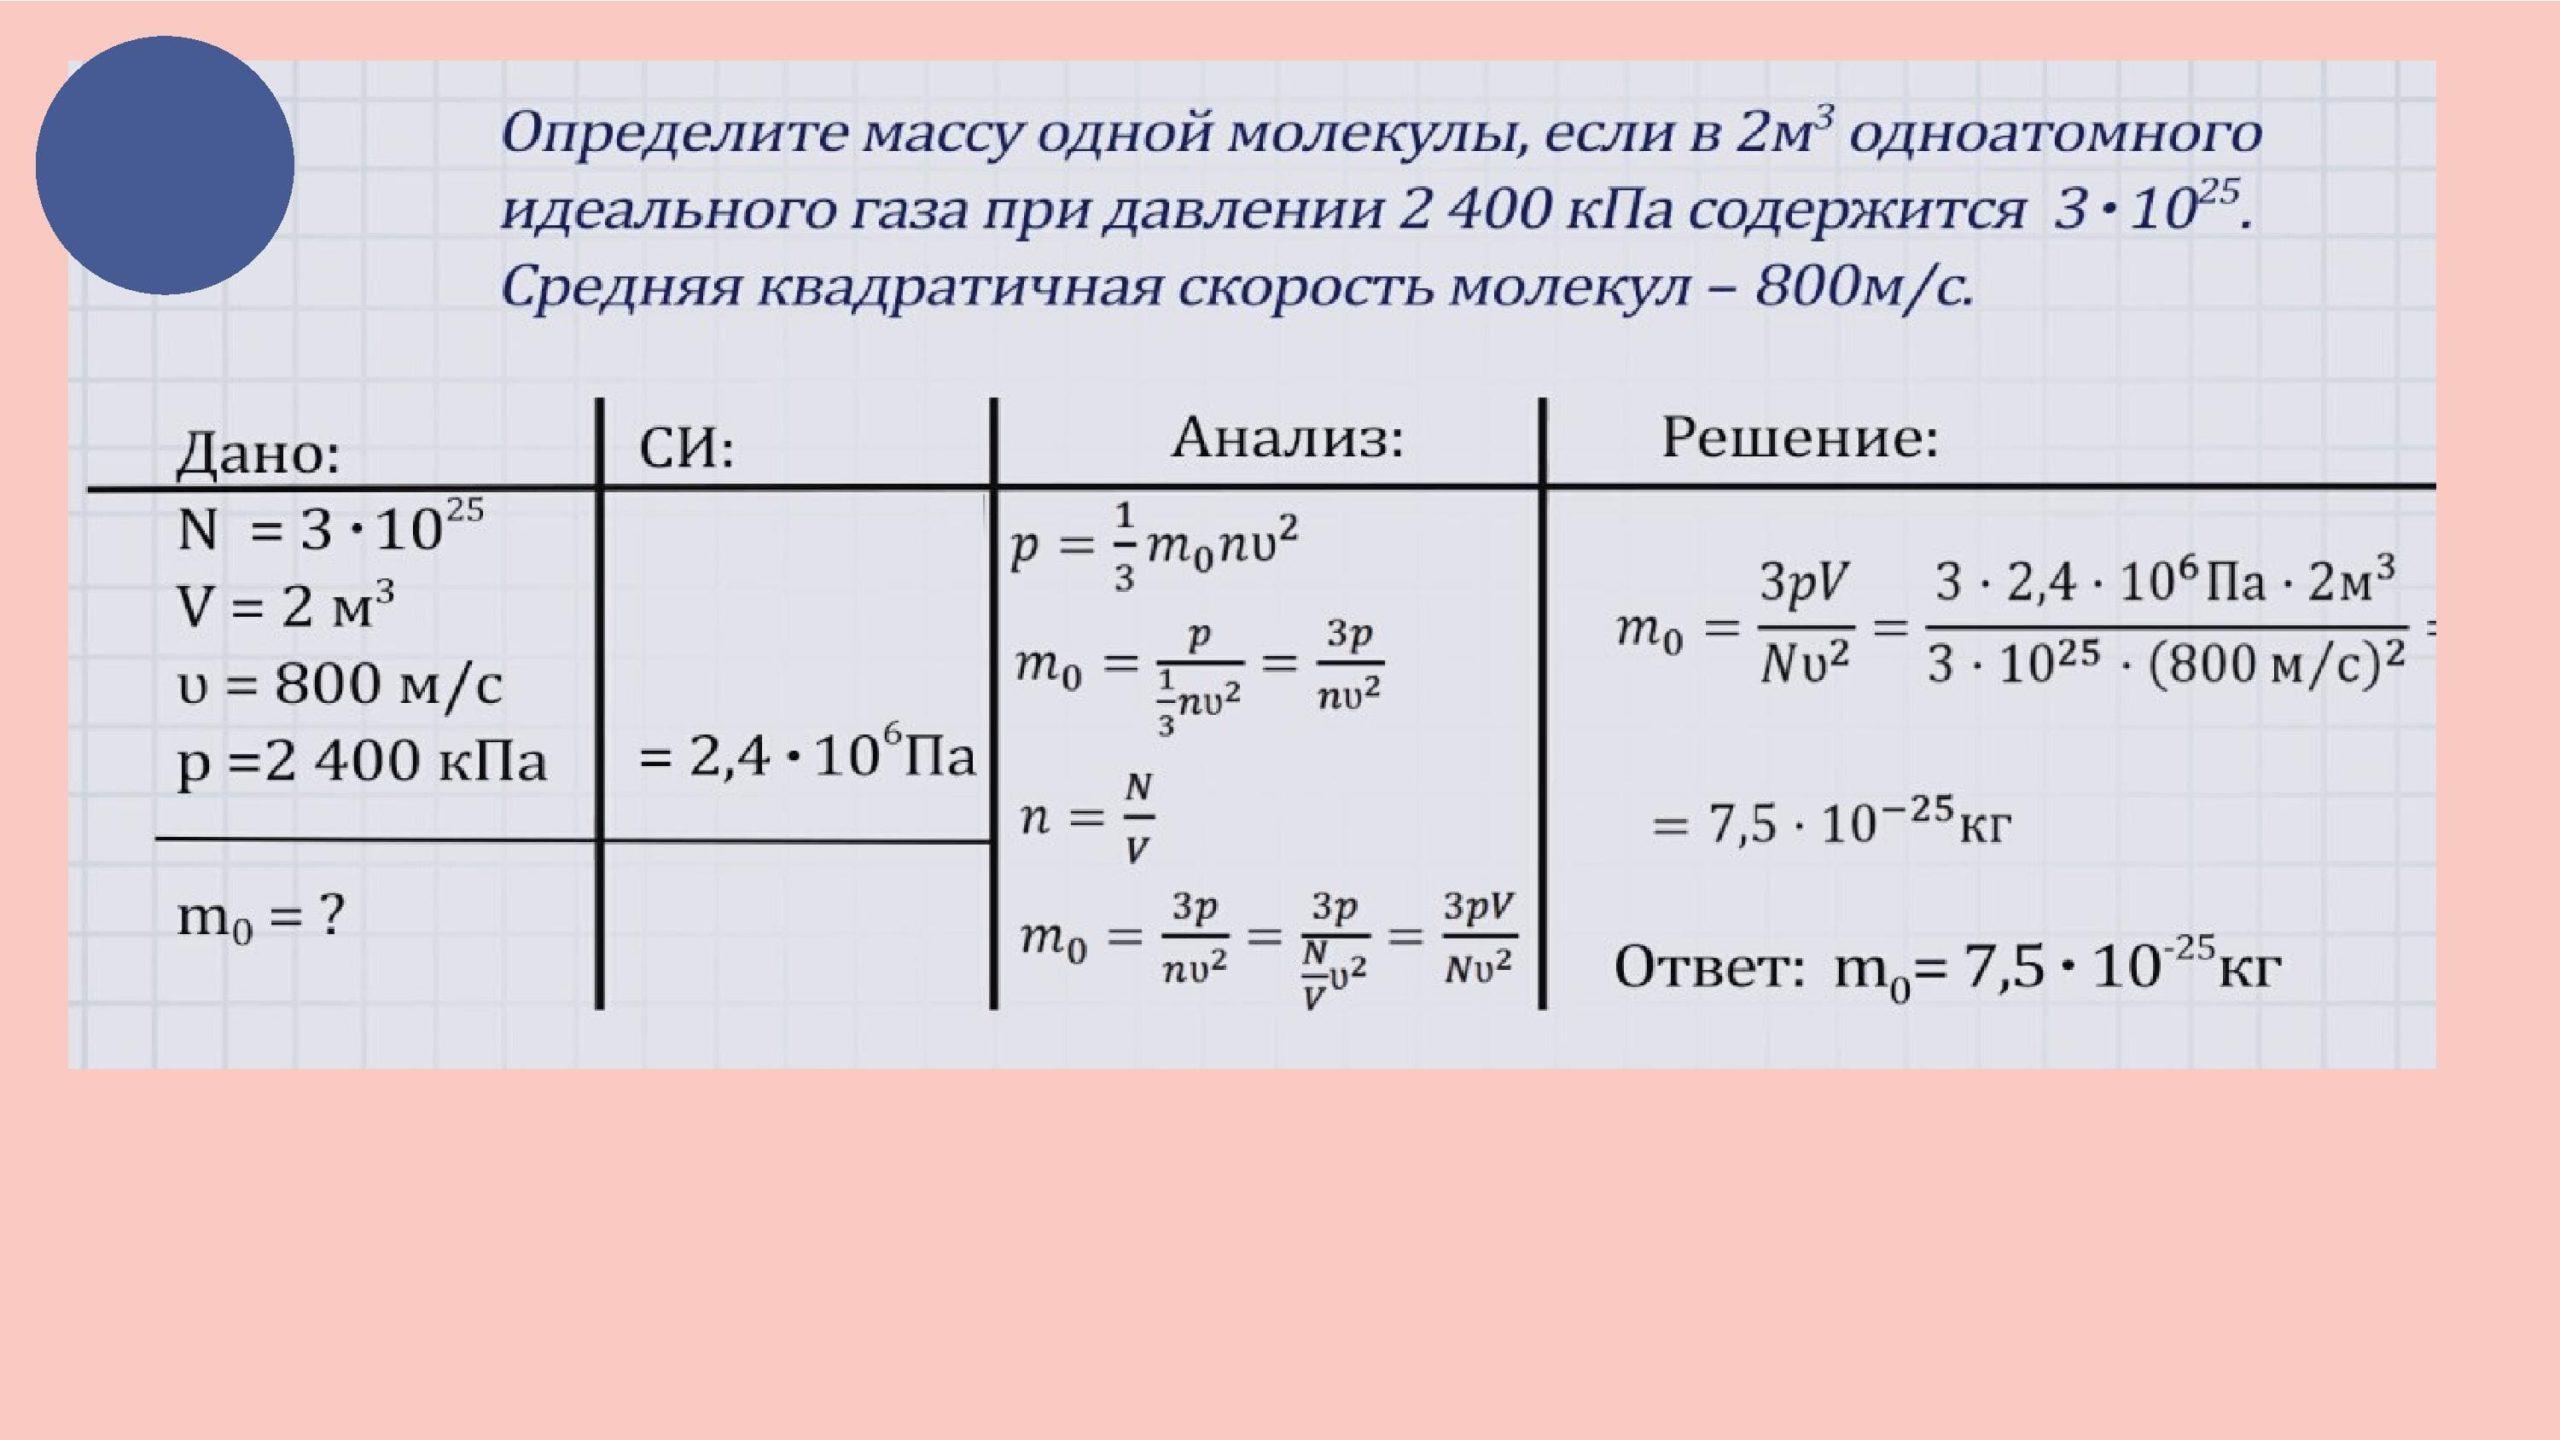 Определите массу одной молекулы, если в 2 м3 одноатомного